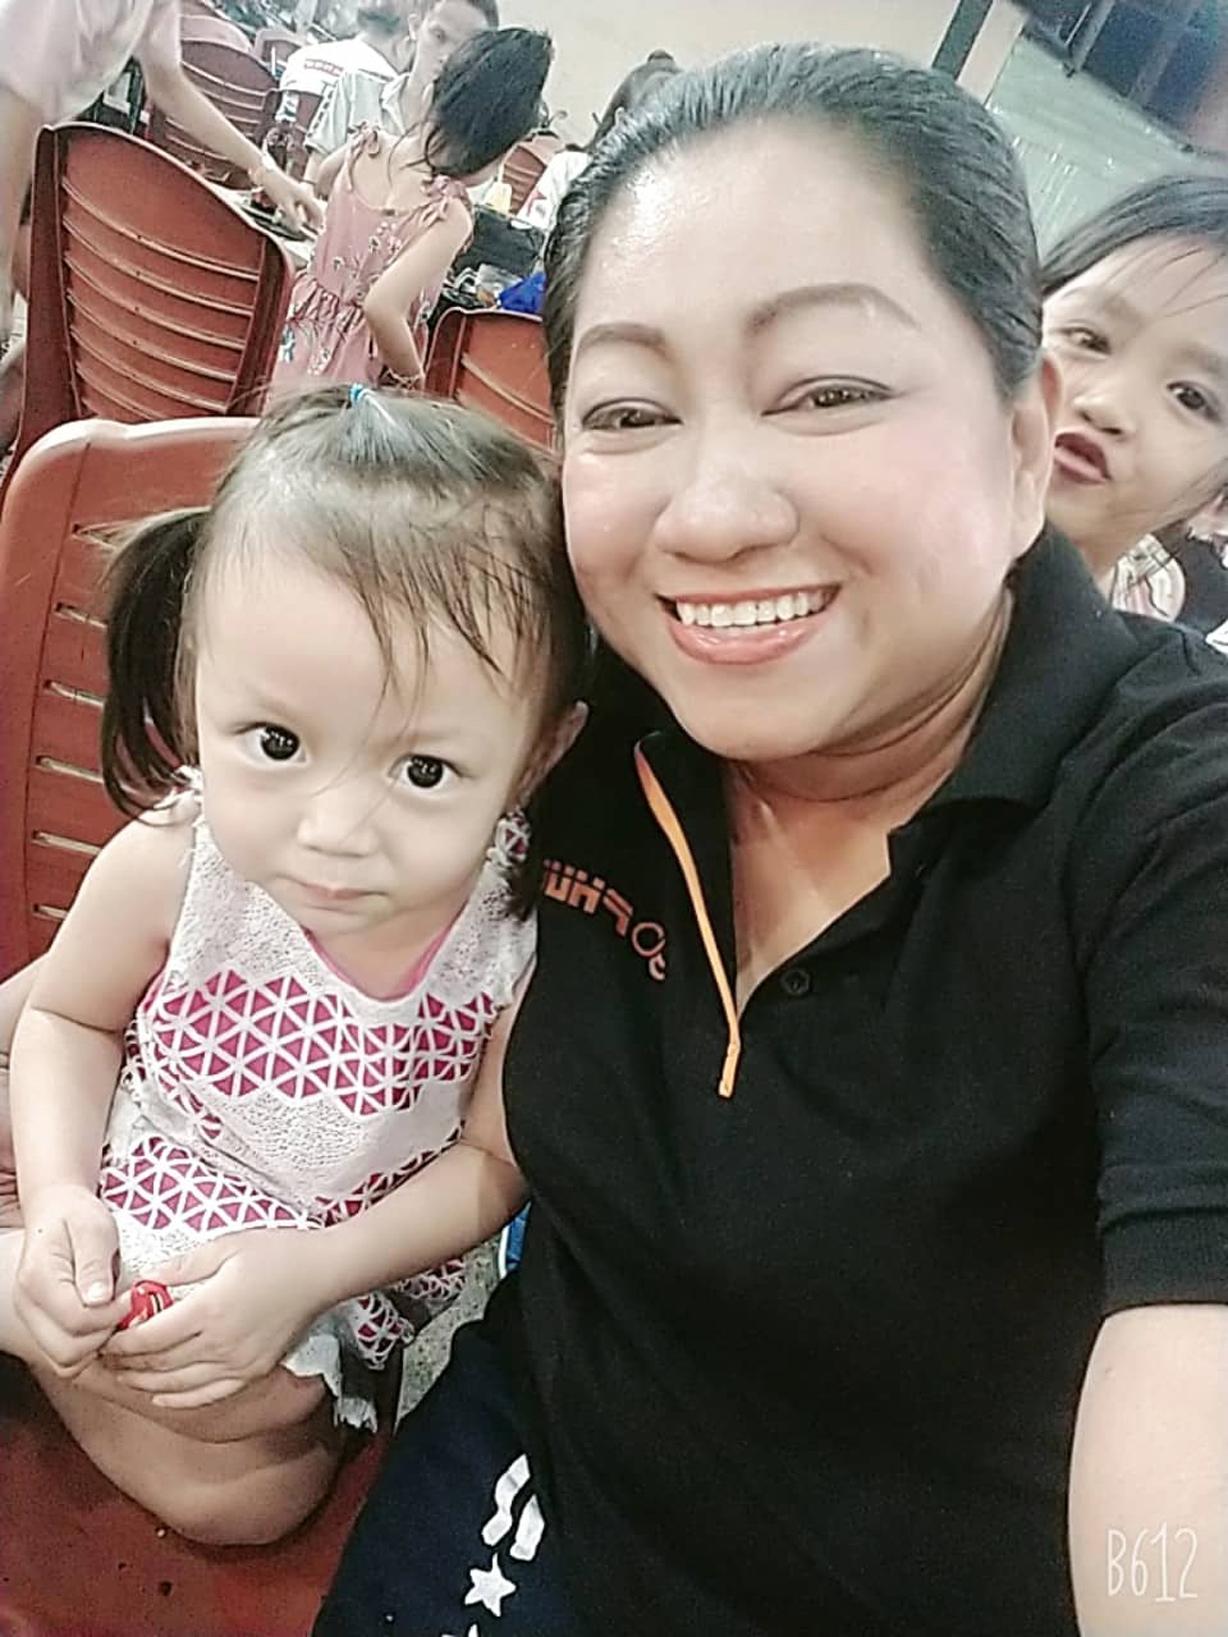 Chị Loan thấy hạnh phúc vì con gái đã vào được đại học